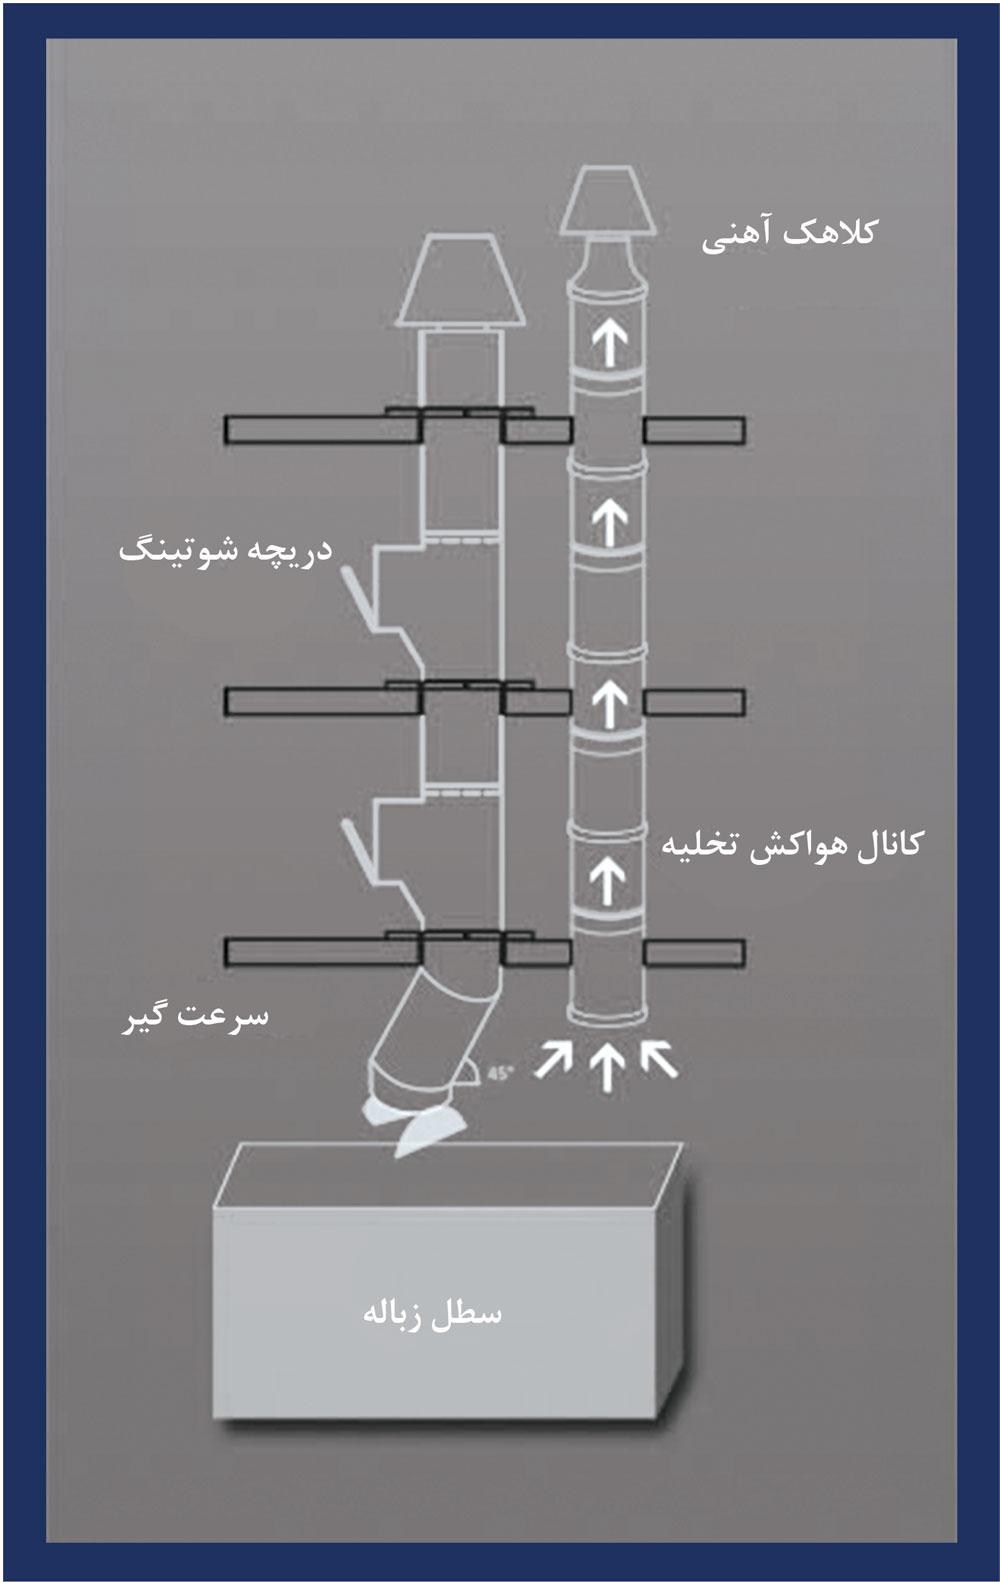 سیستم شوت زباله